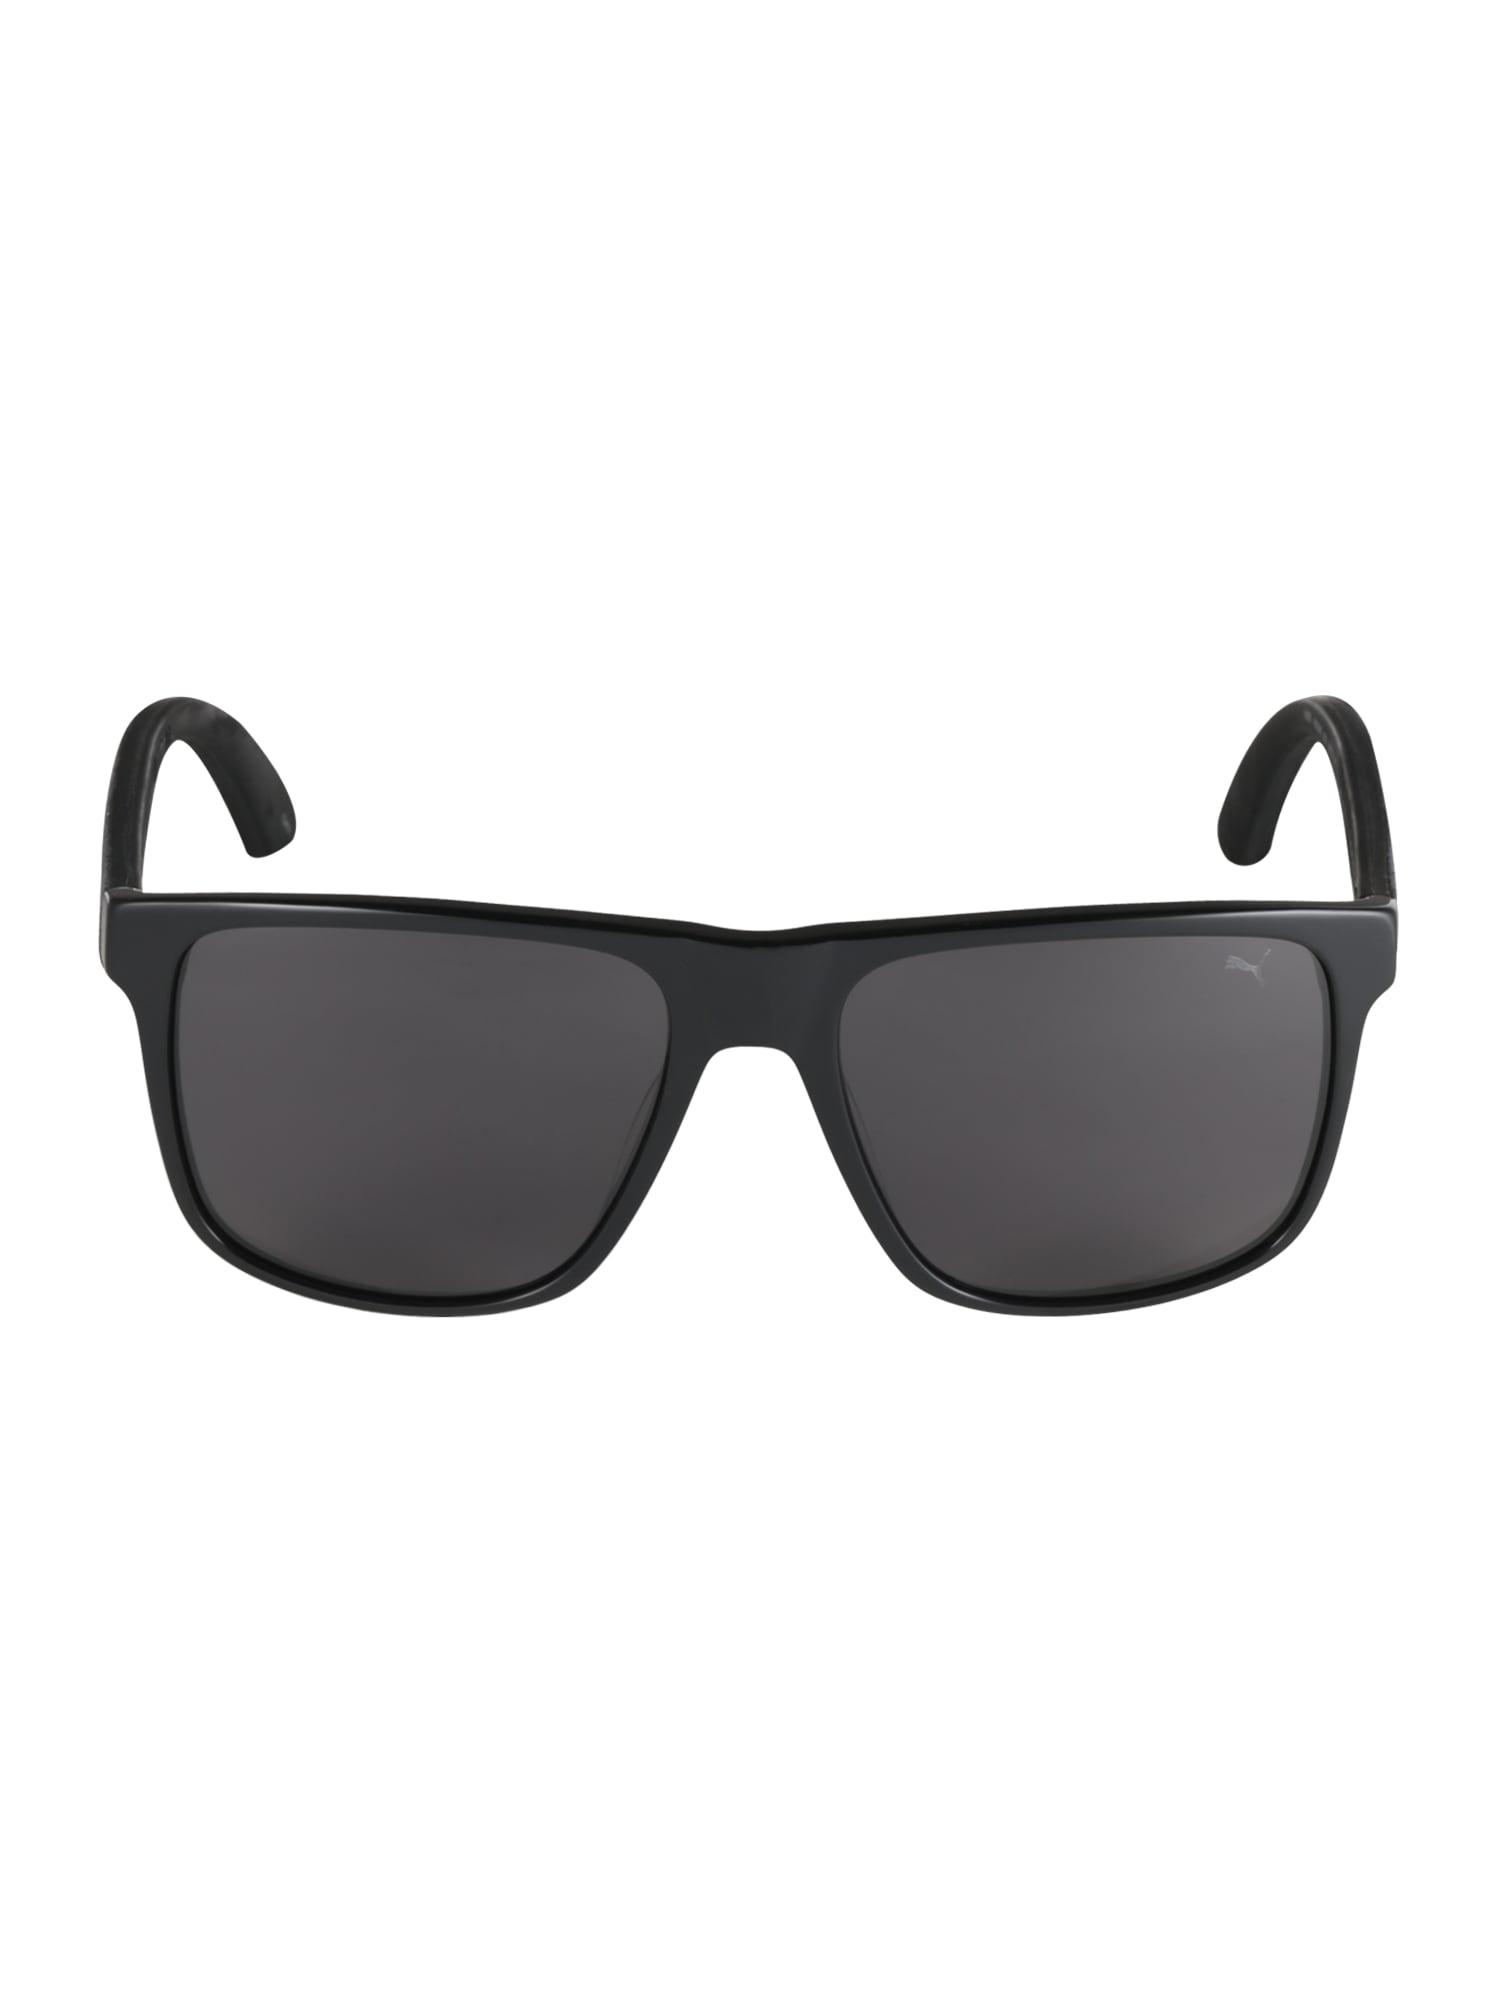 Sonnenbrille 'PU0104S-001 54' | Accessoires > Sonnenbrillen | Puma